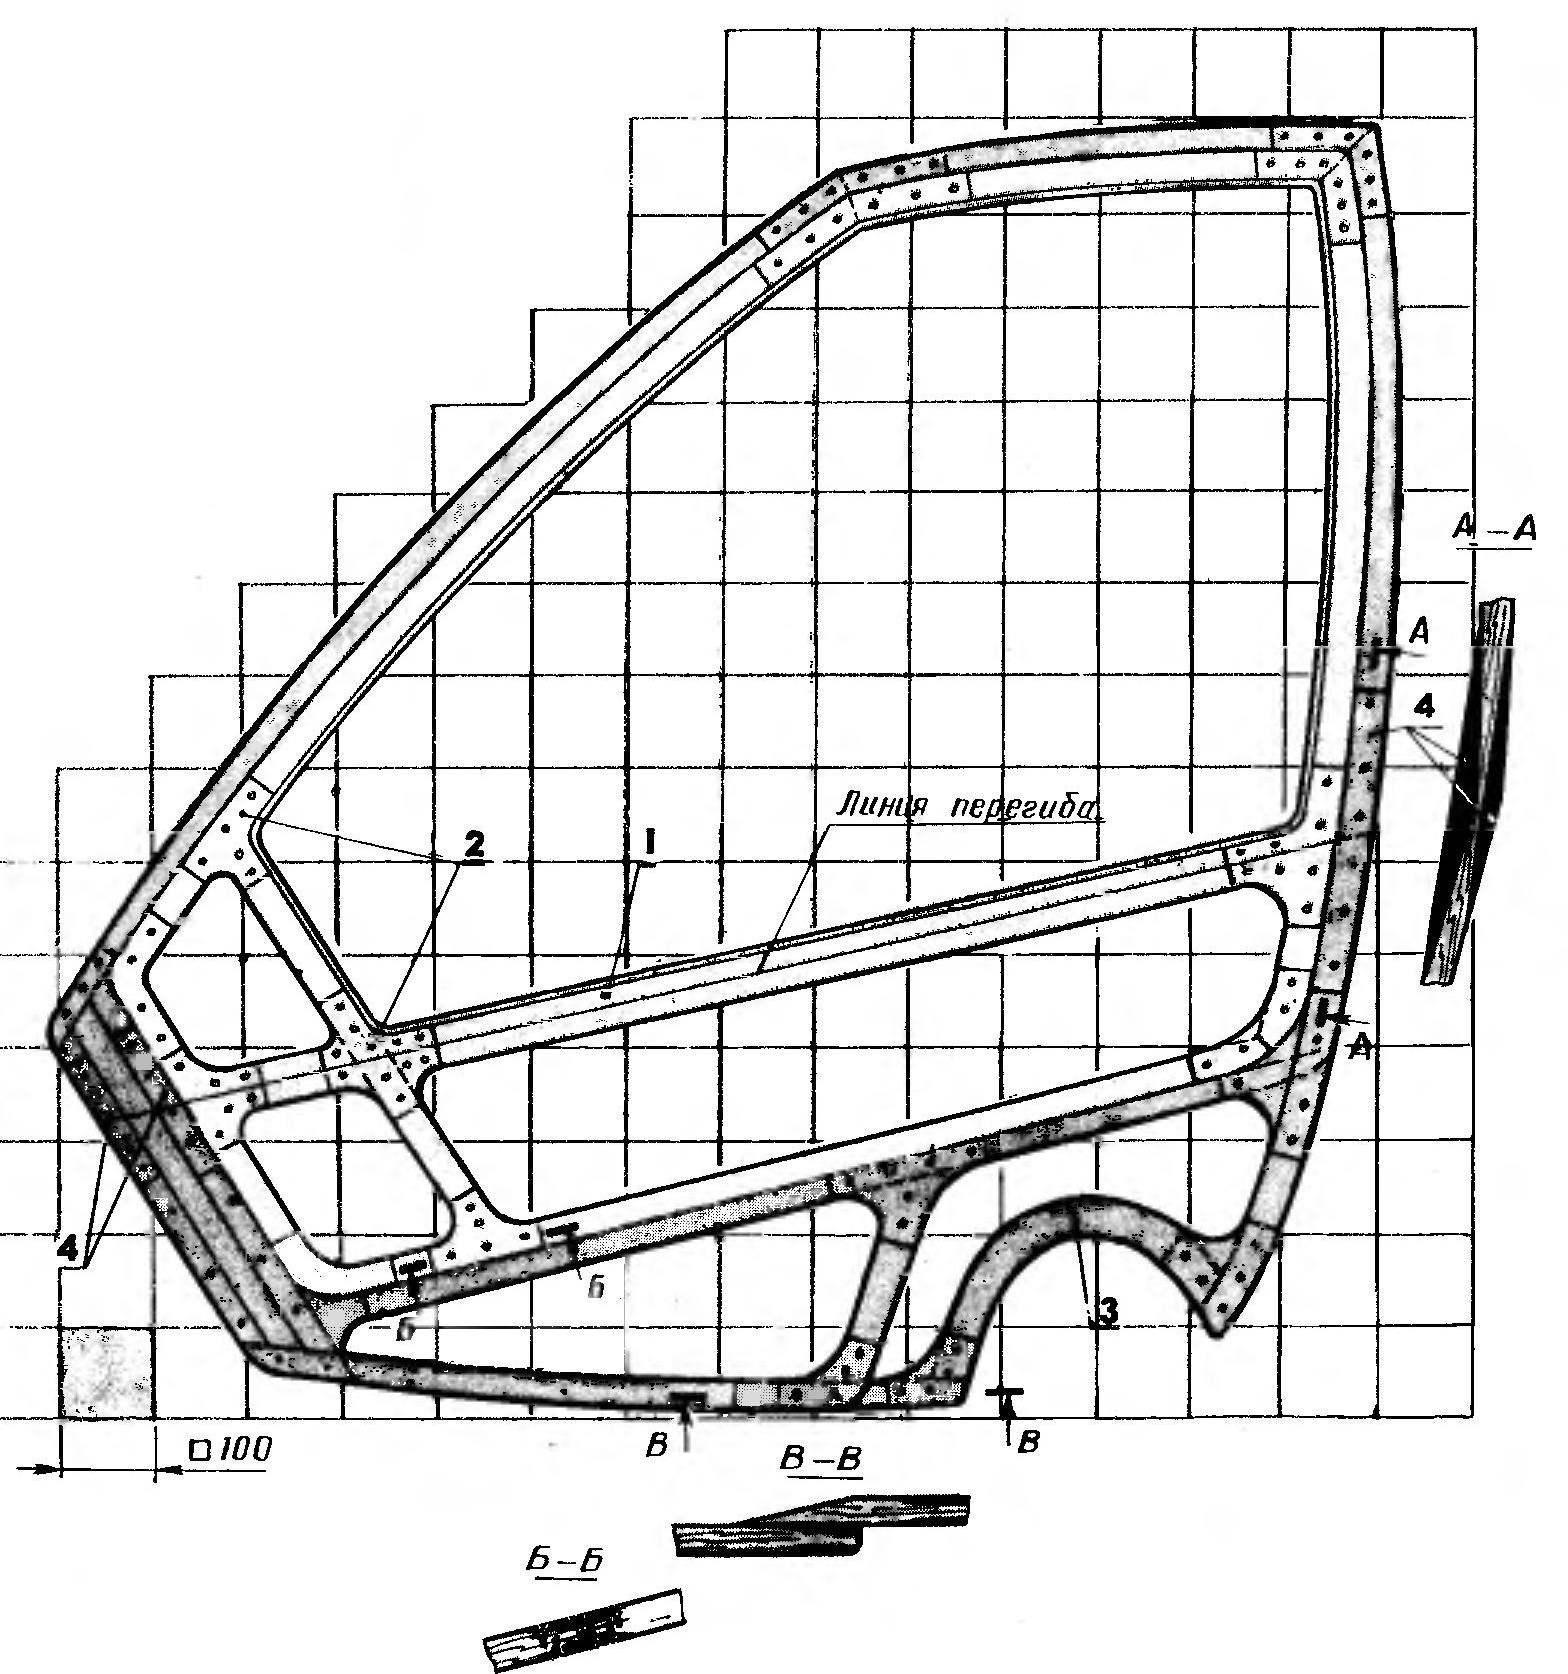 Боковая панель кузова. На рисунке показана правая панель, вид изнутри. Цветом выделен каркас двери. Для левой панели дверь не предусматривается.